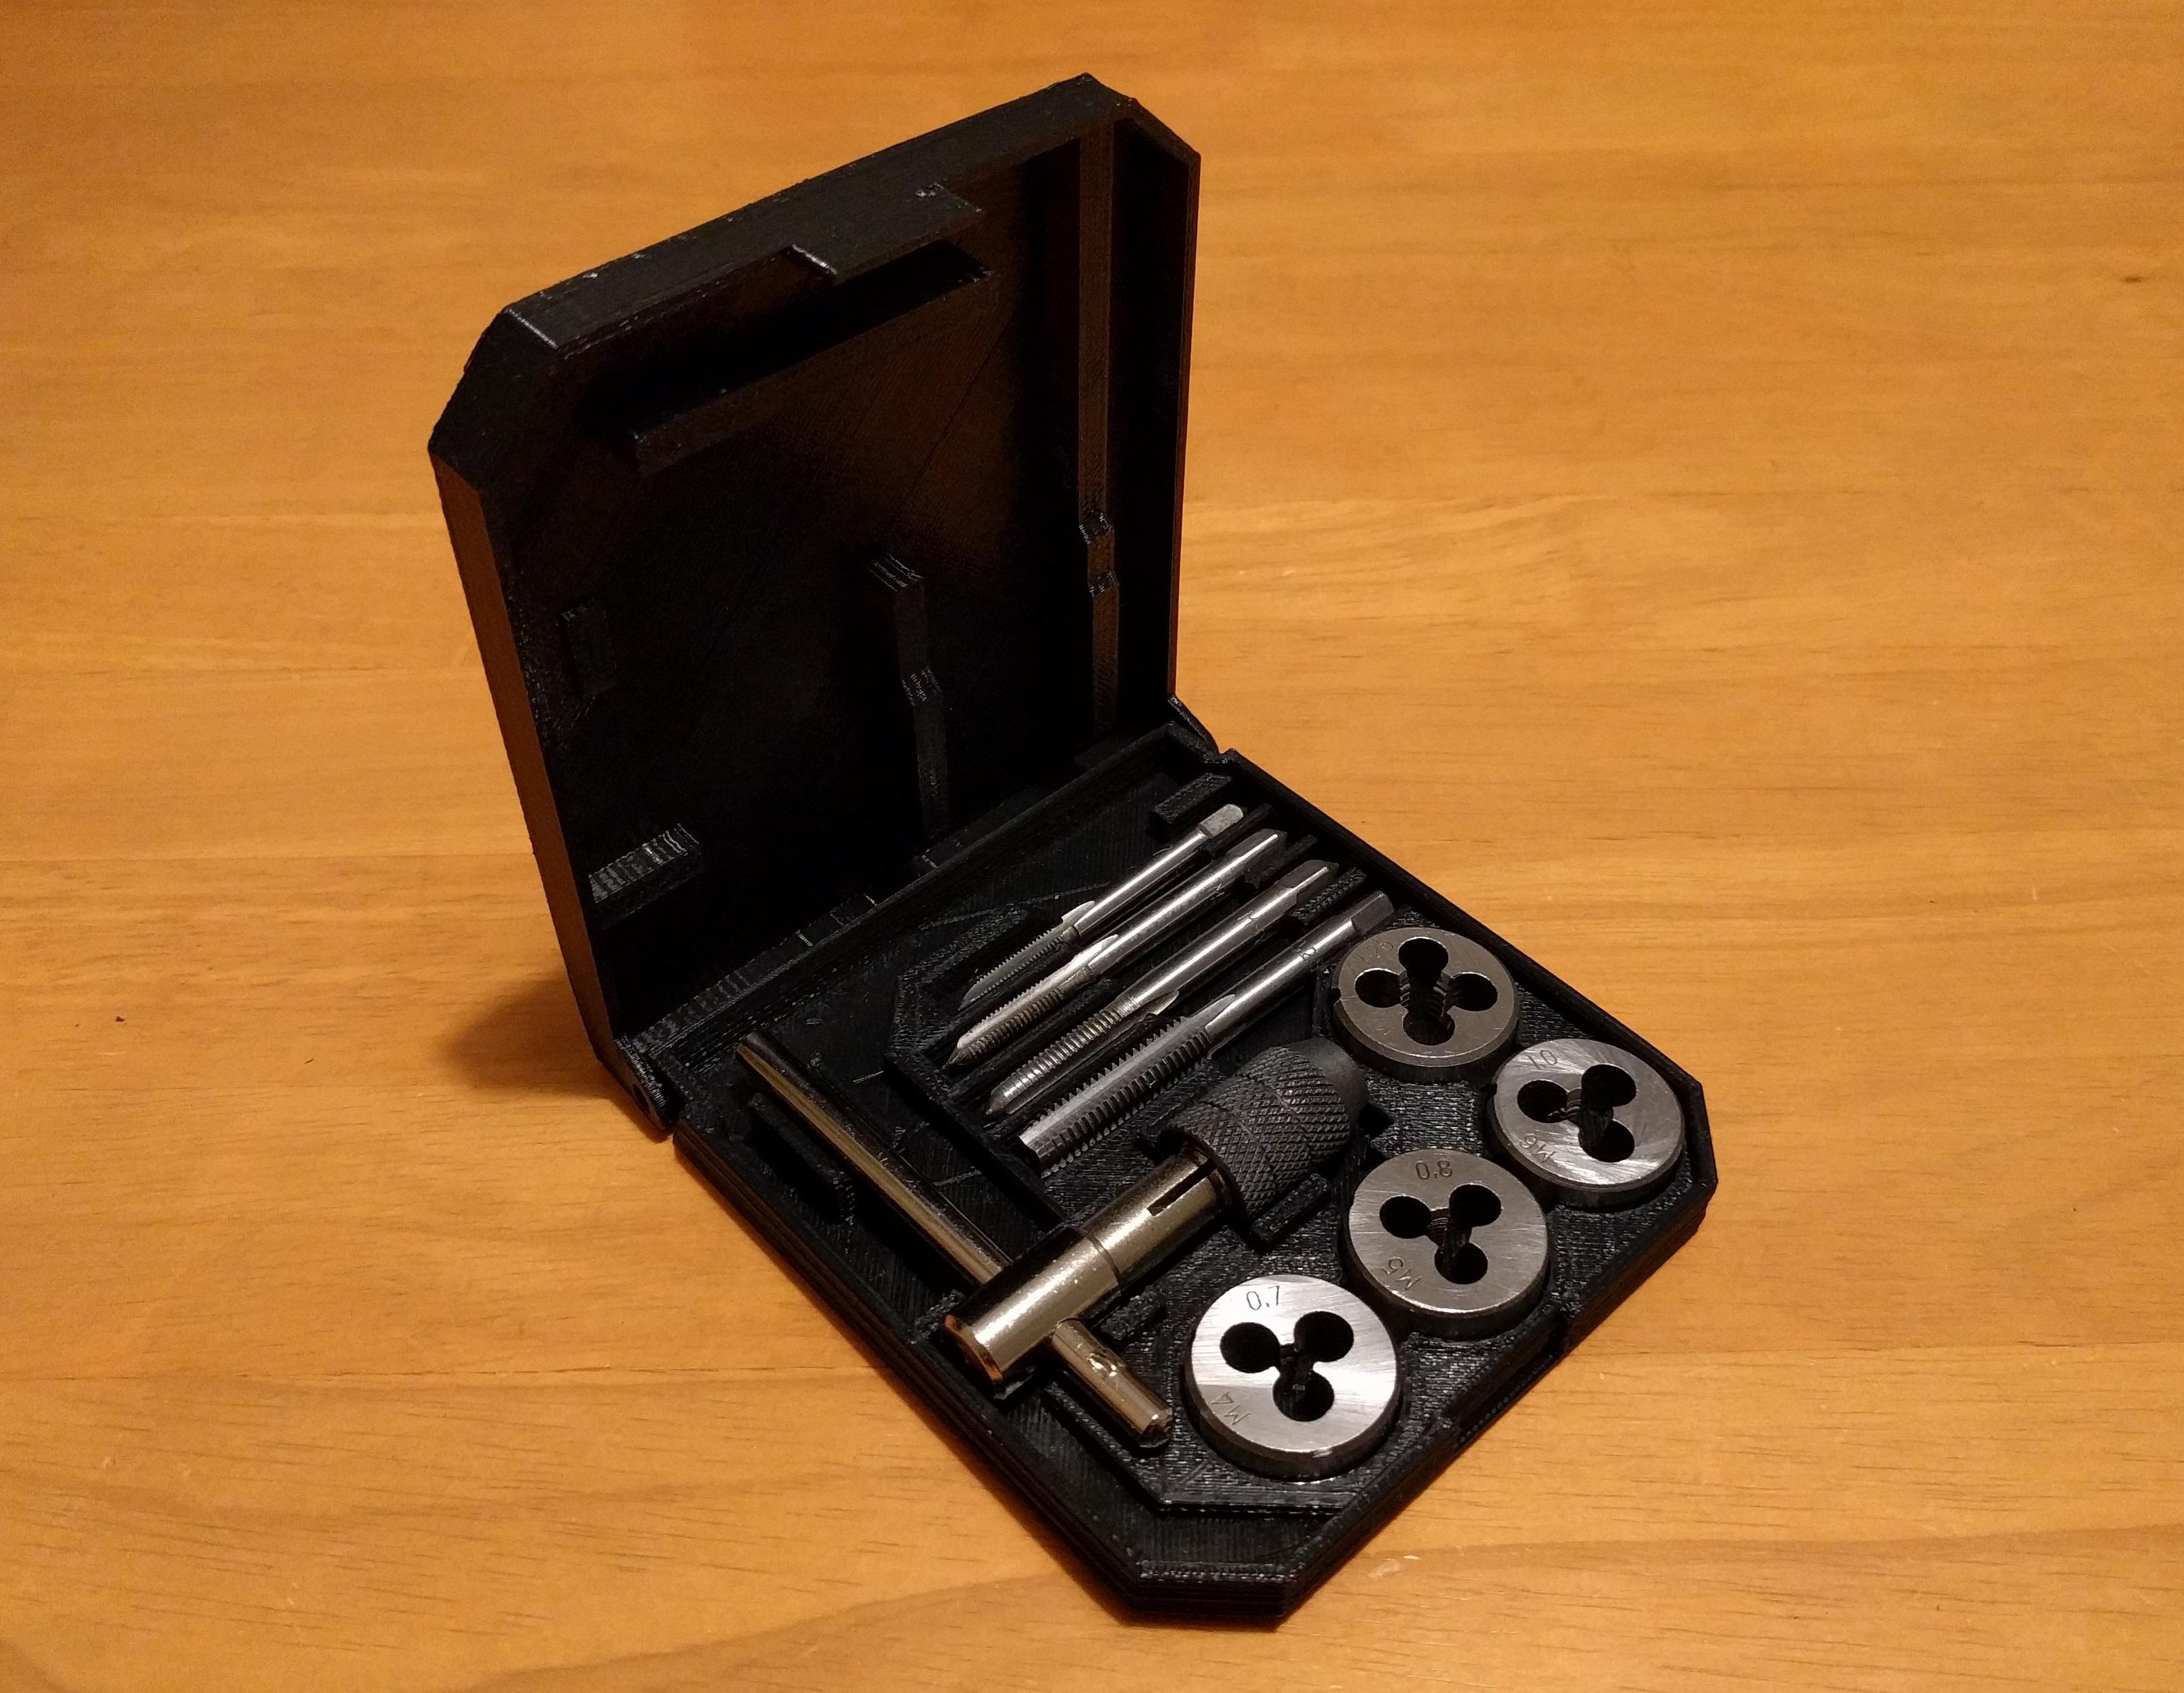 tap_die_case_01.jpg Download free STL file Tap & Die Hinged Case • Model to 3D print, peaberry